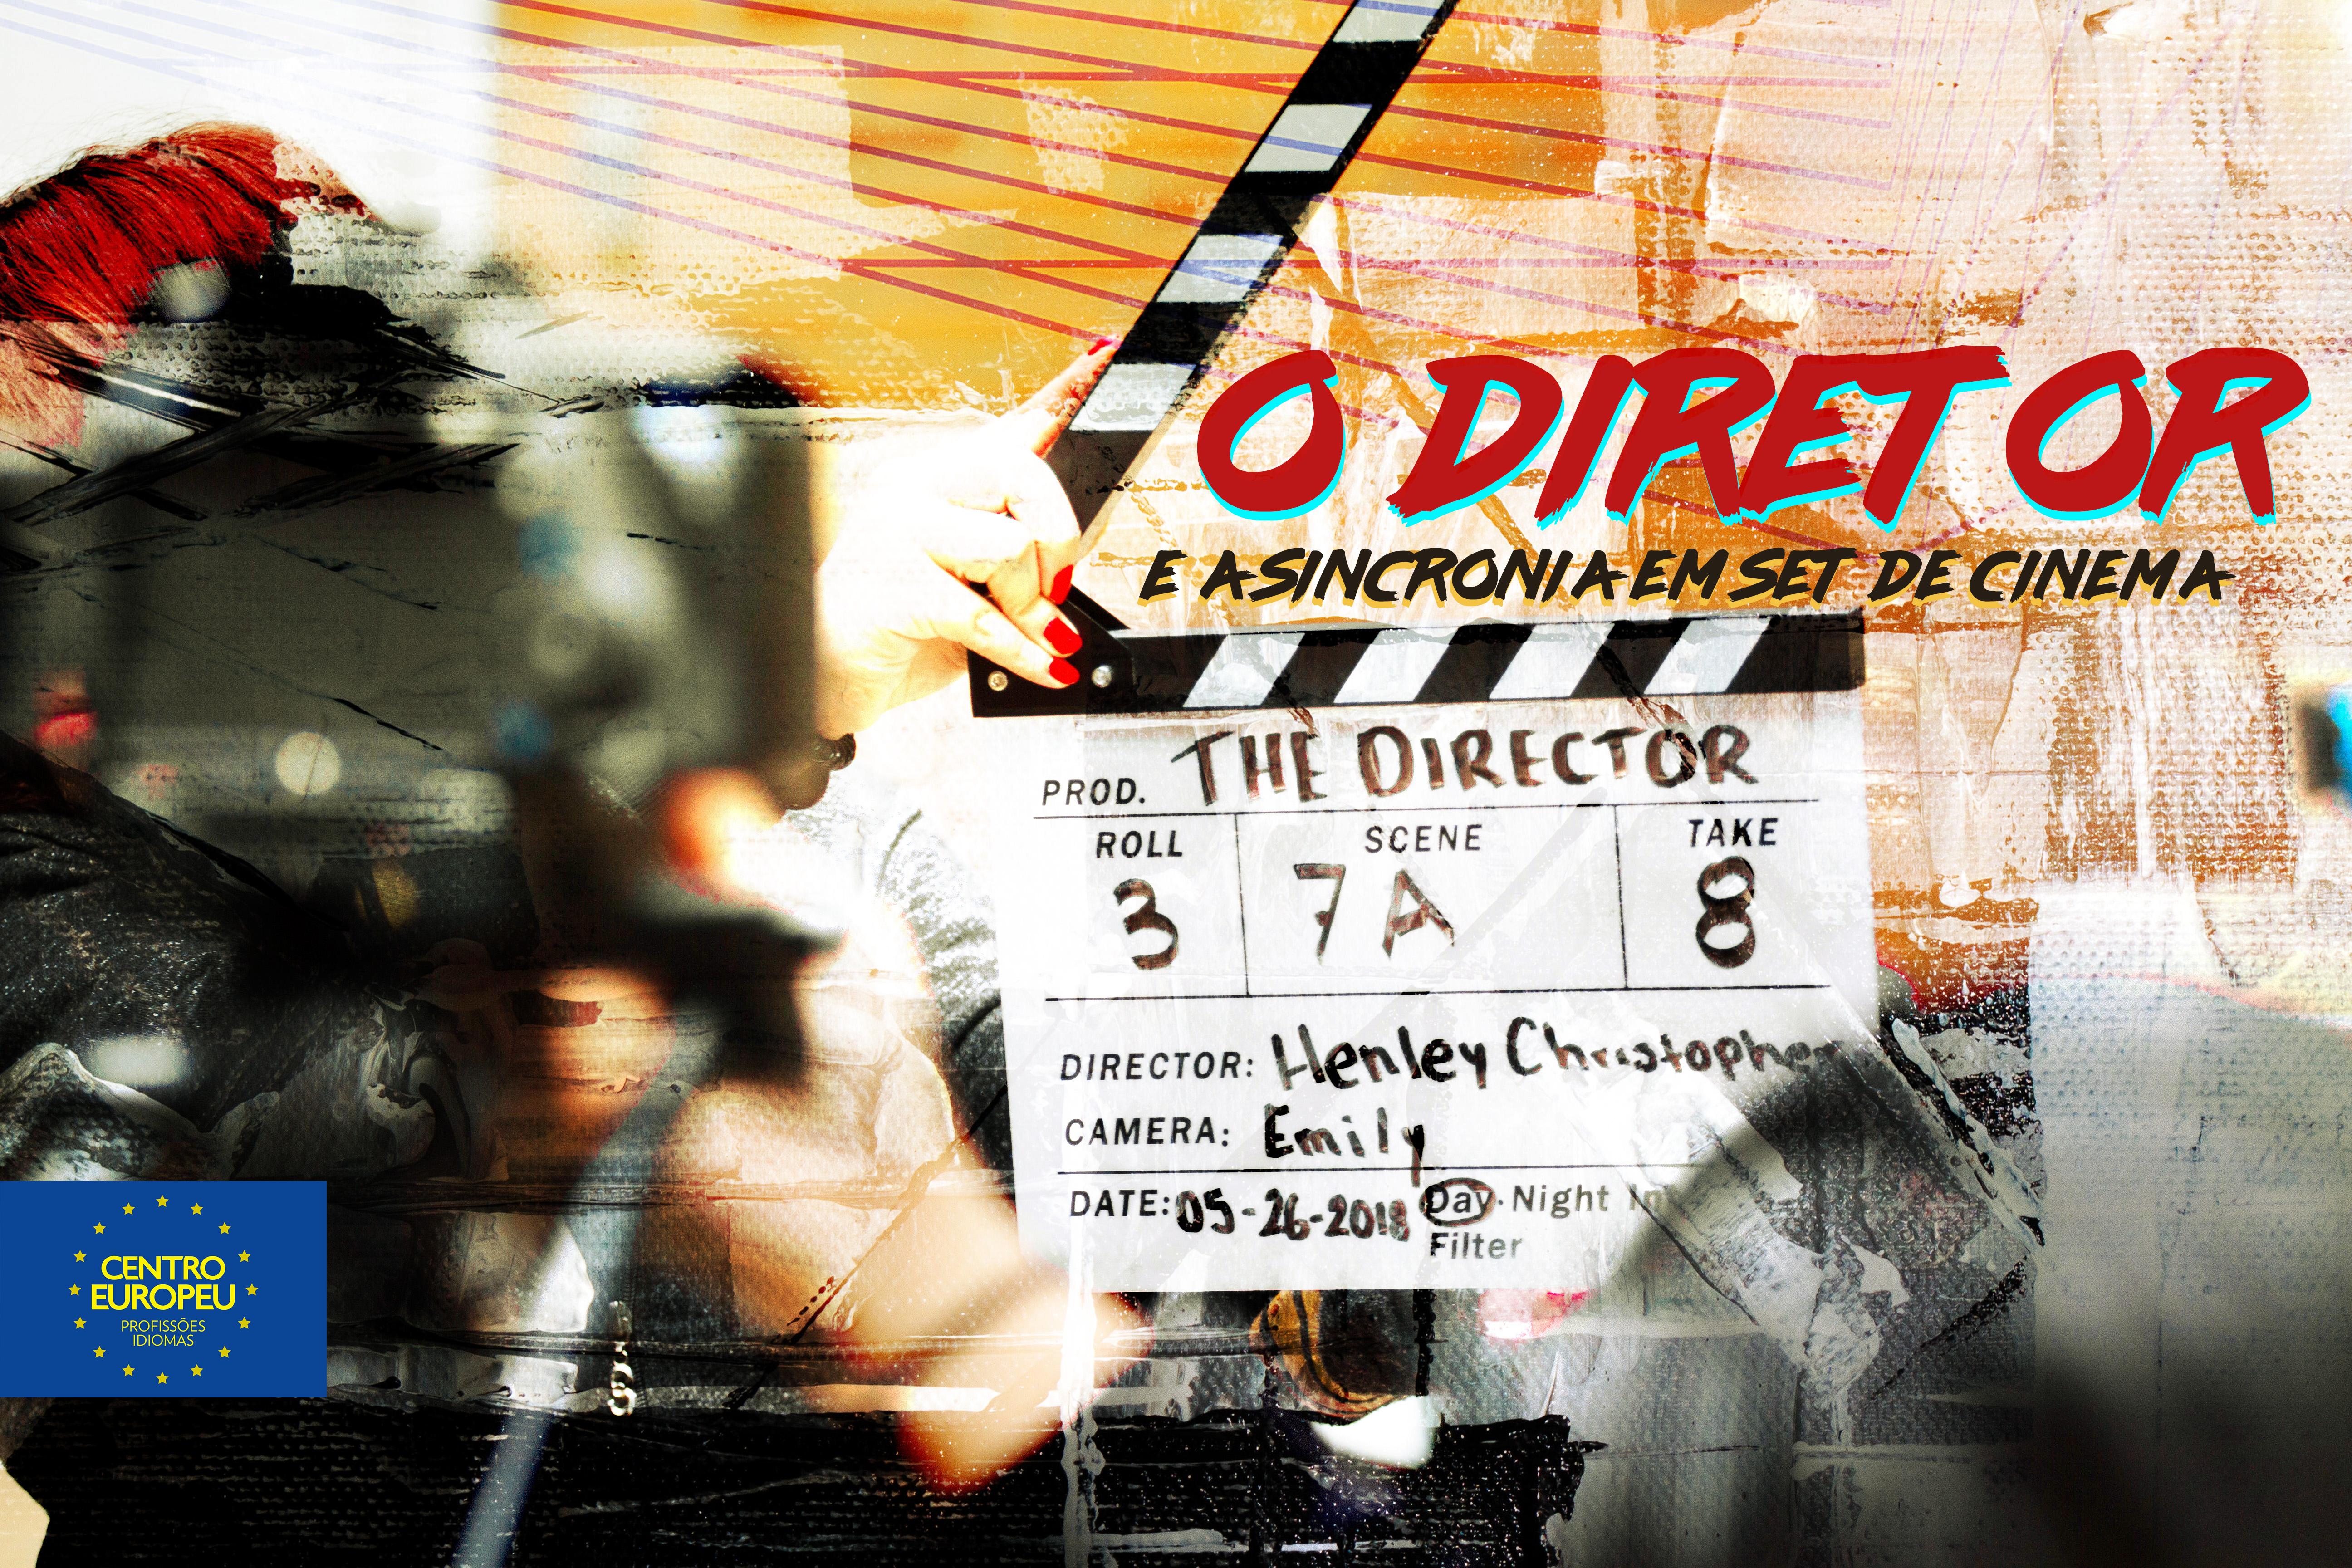 O diretor e a sincronia em set de cinema